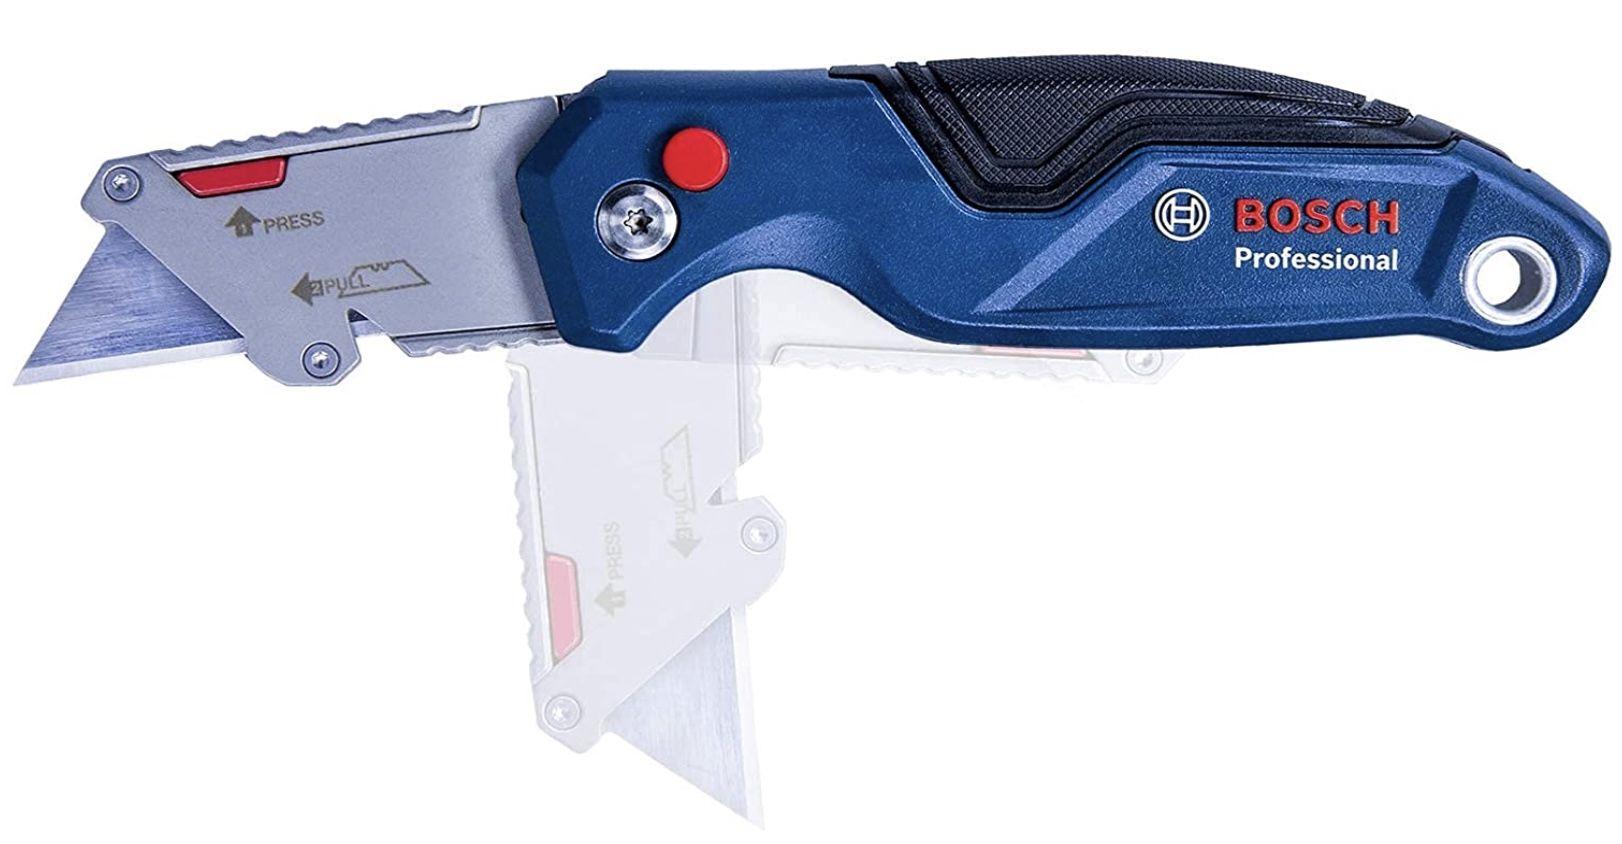 Bosch Professional Universal Klappmesser mit Klingenfach im Metall Griff für 14,99€ (statt 19€)